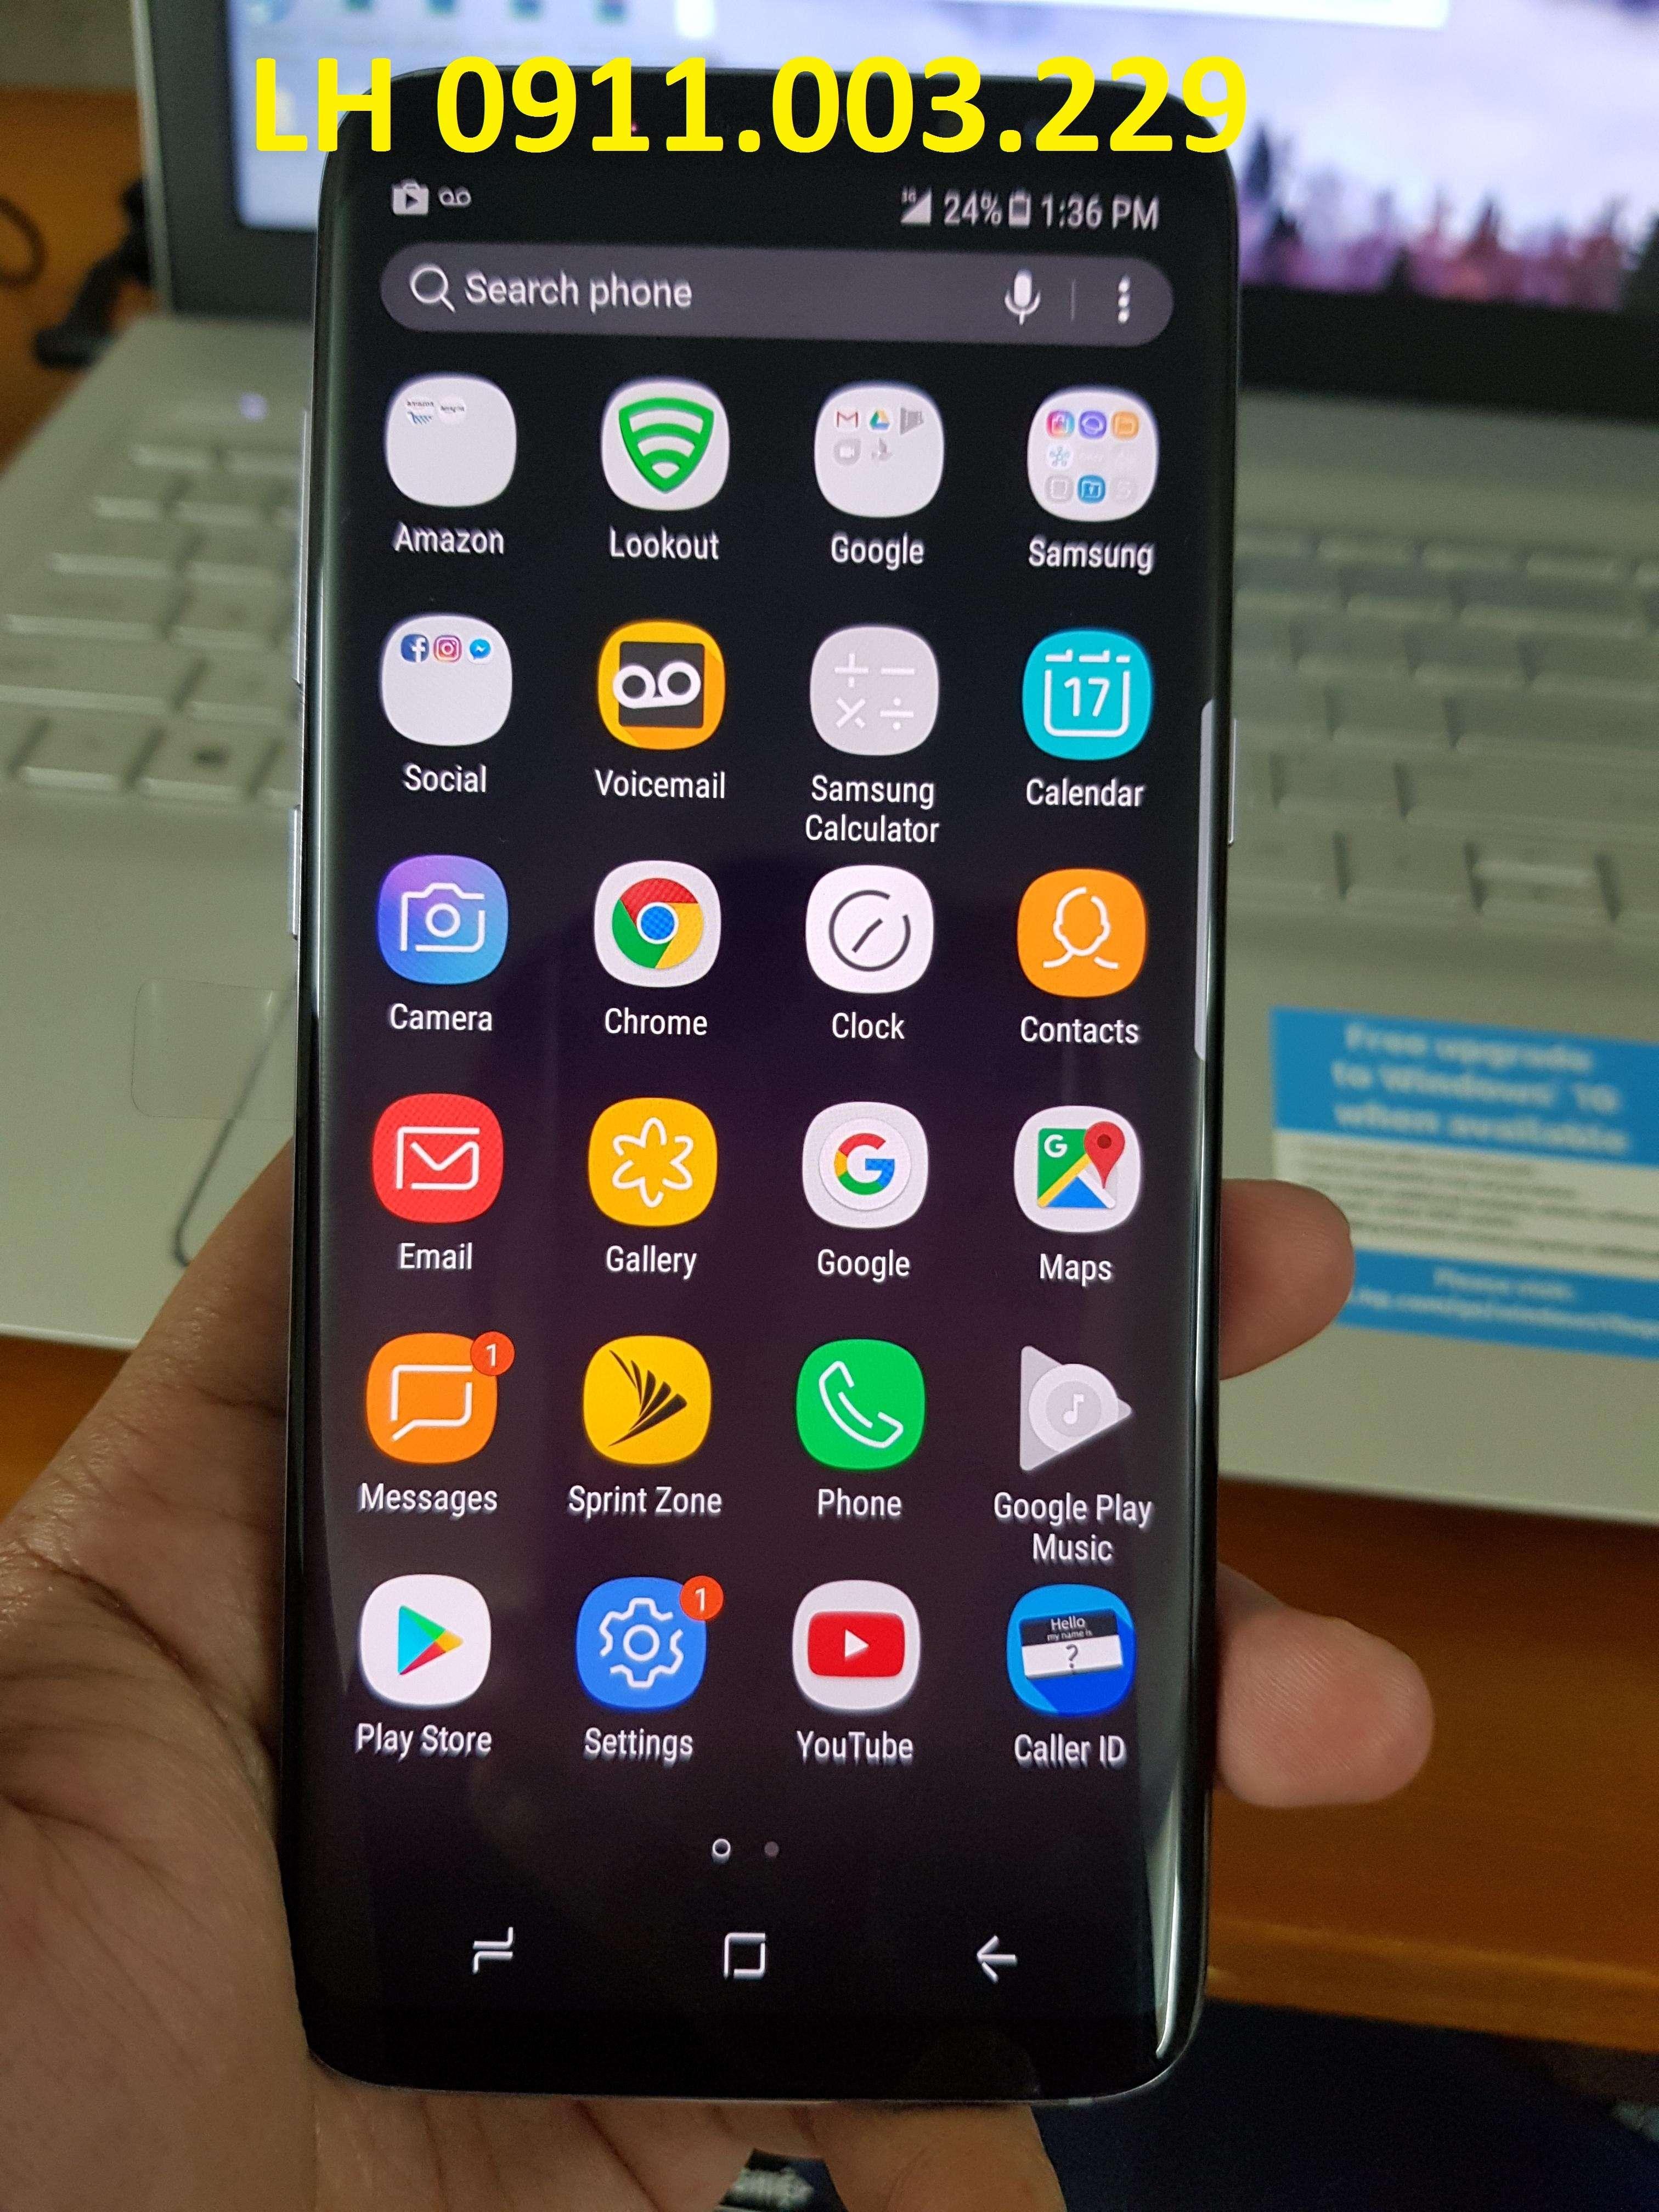 Mở mạng giải mã S8 Sprint SM-G950U ok,Unlock S8 thẻ sim